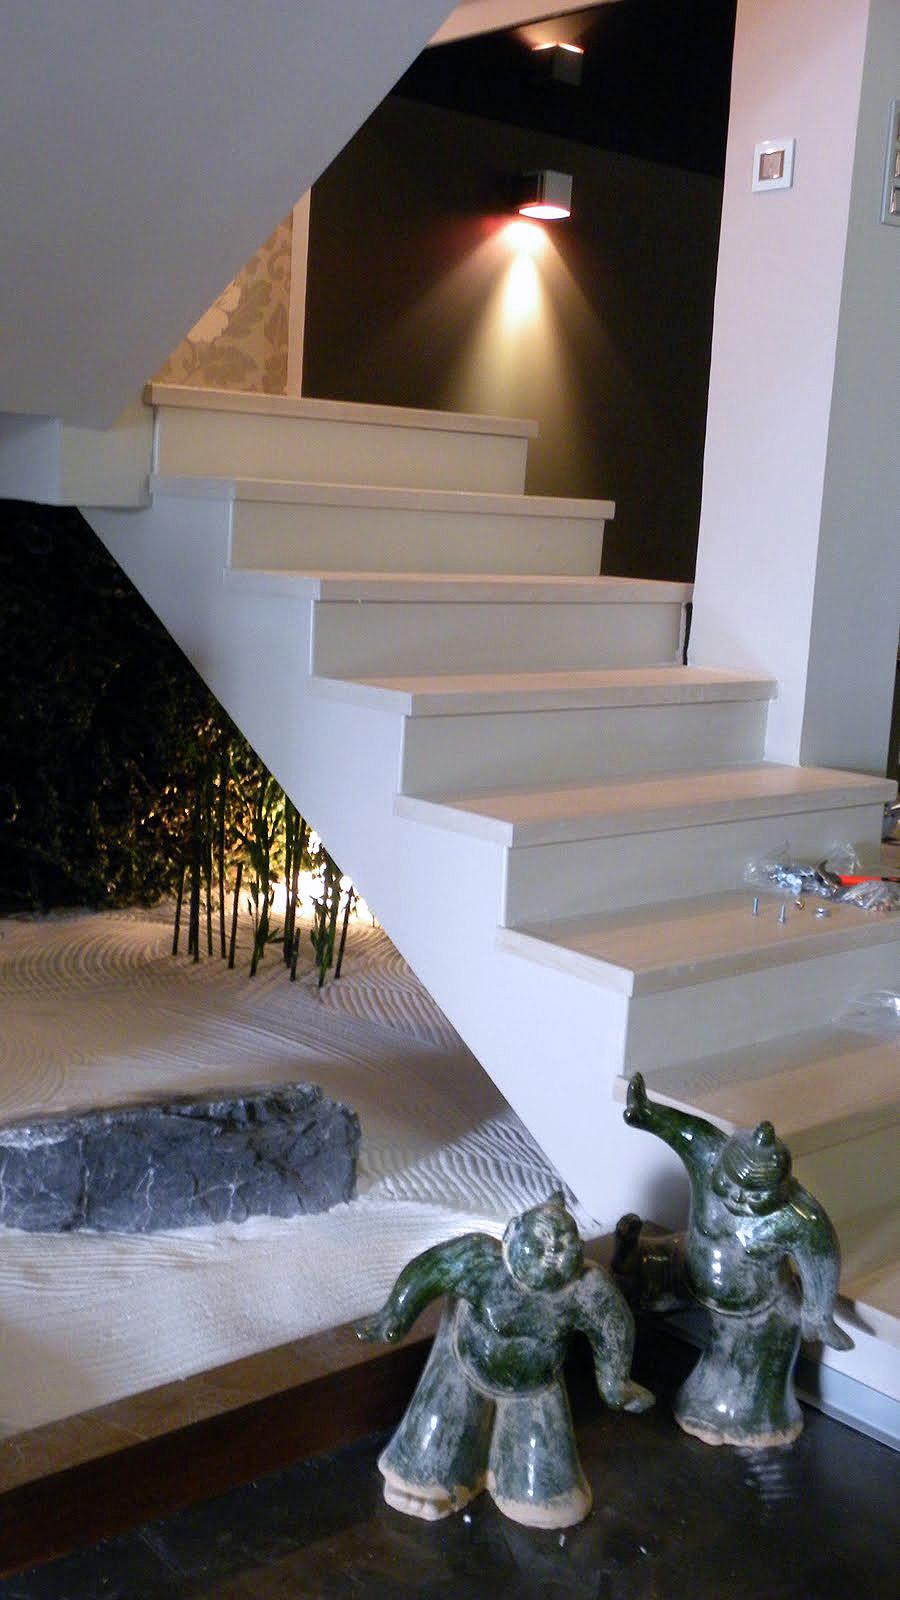 Staircase with a zen garden under it